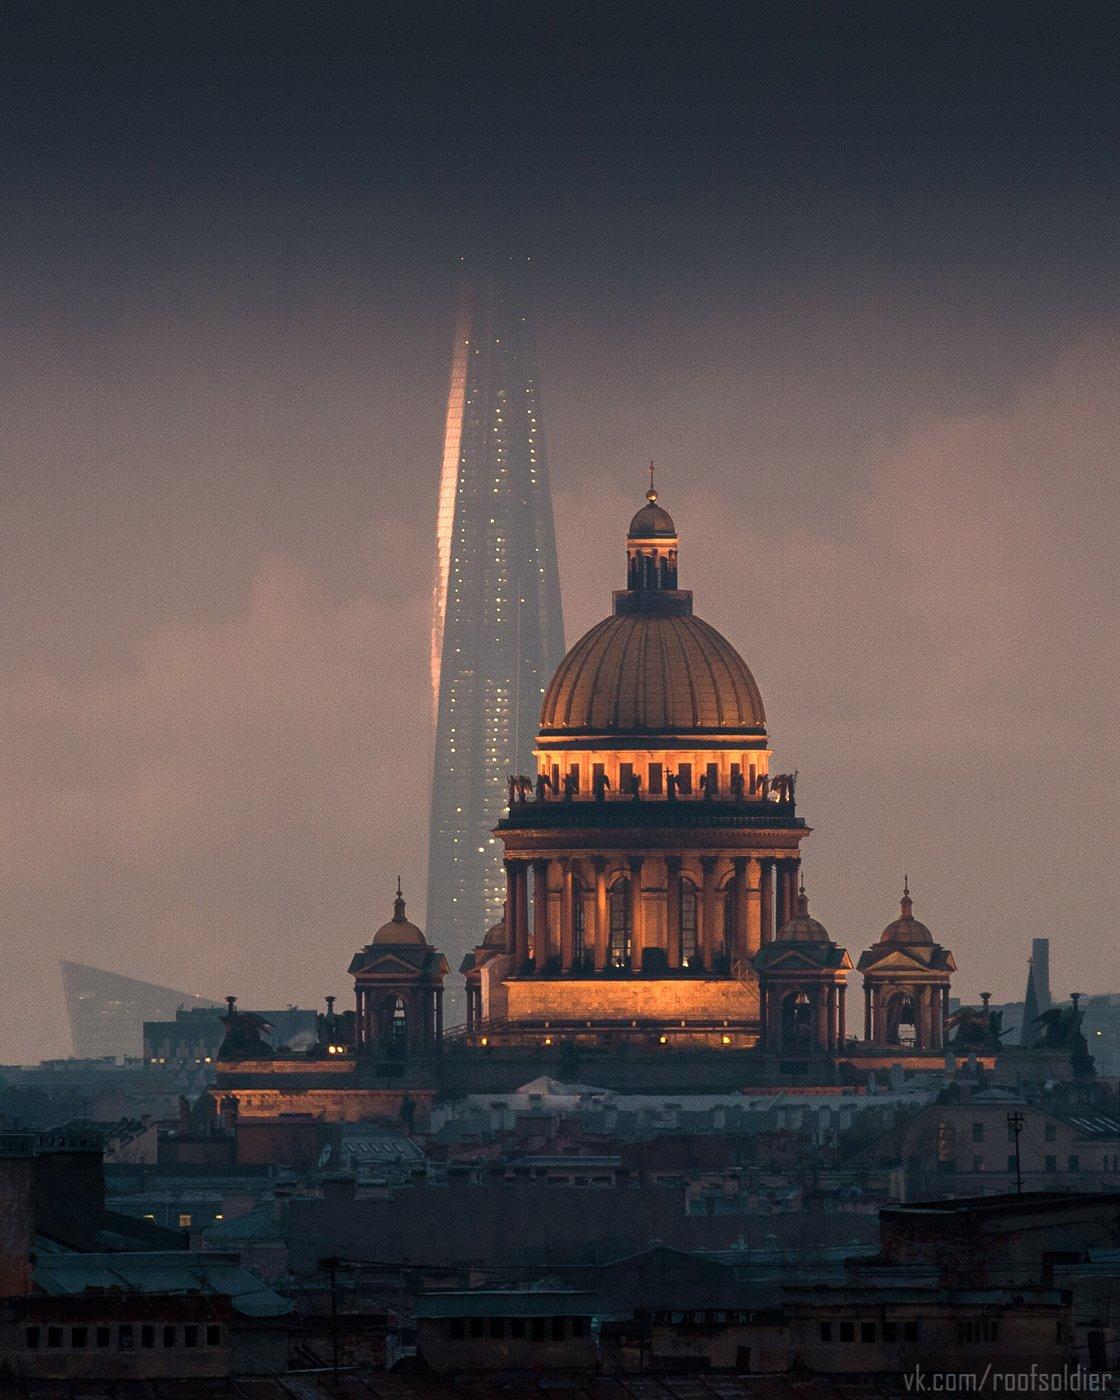 Санкт-Петербург, небоскреб, крыша, собор, церковь, пейзаж, город, Голубев Алексей